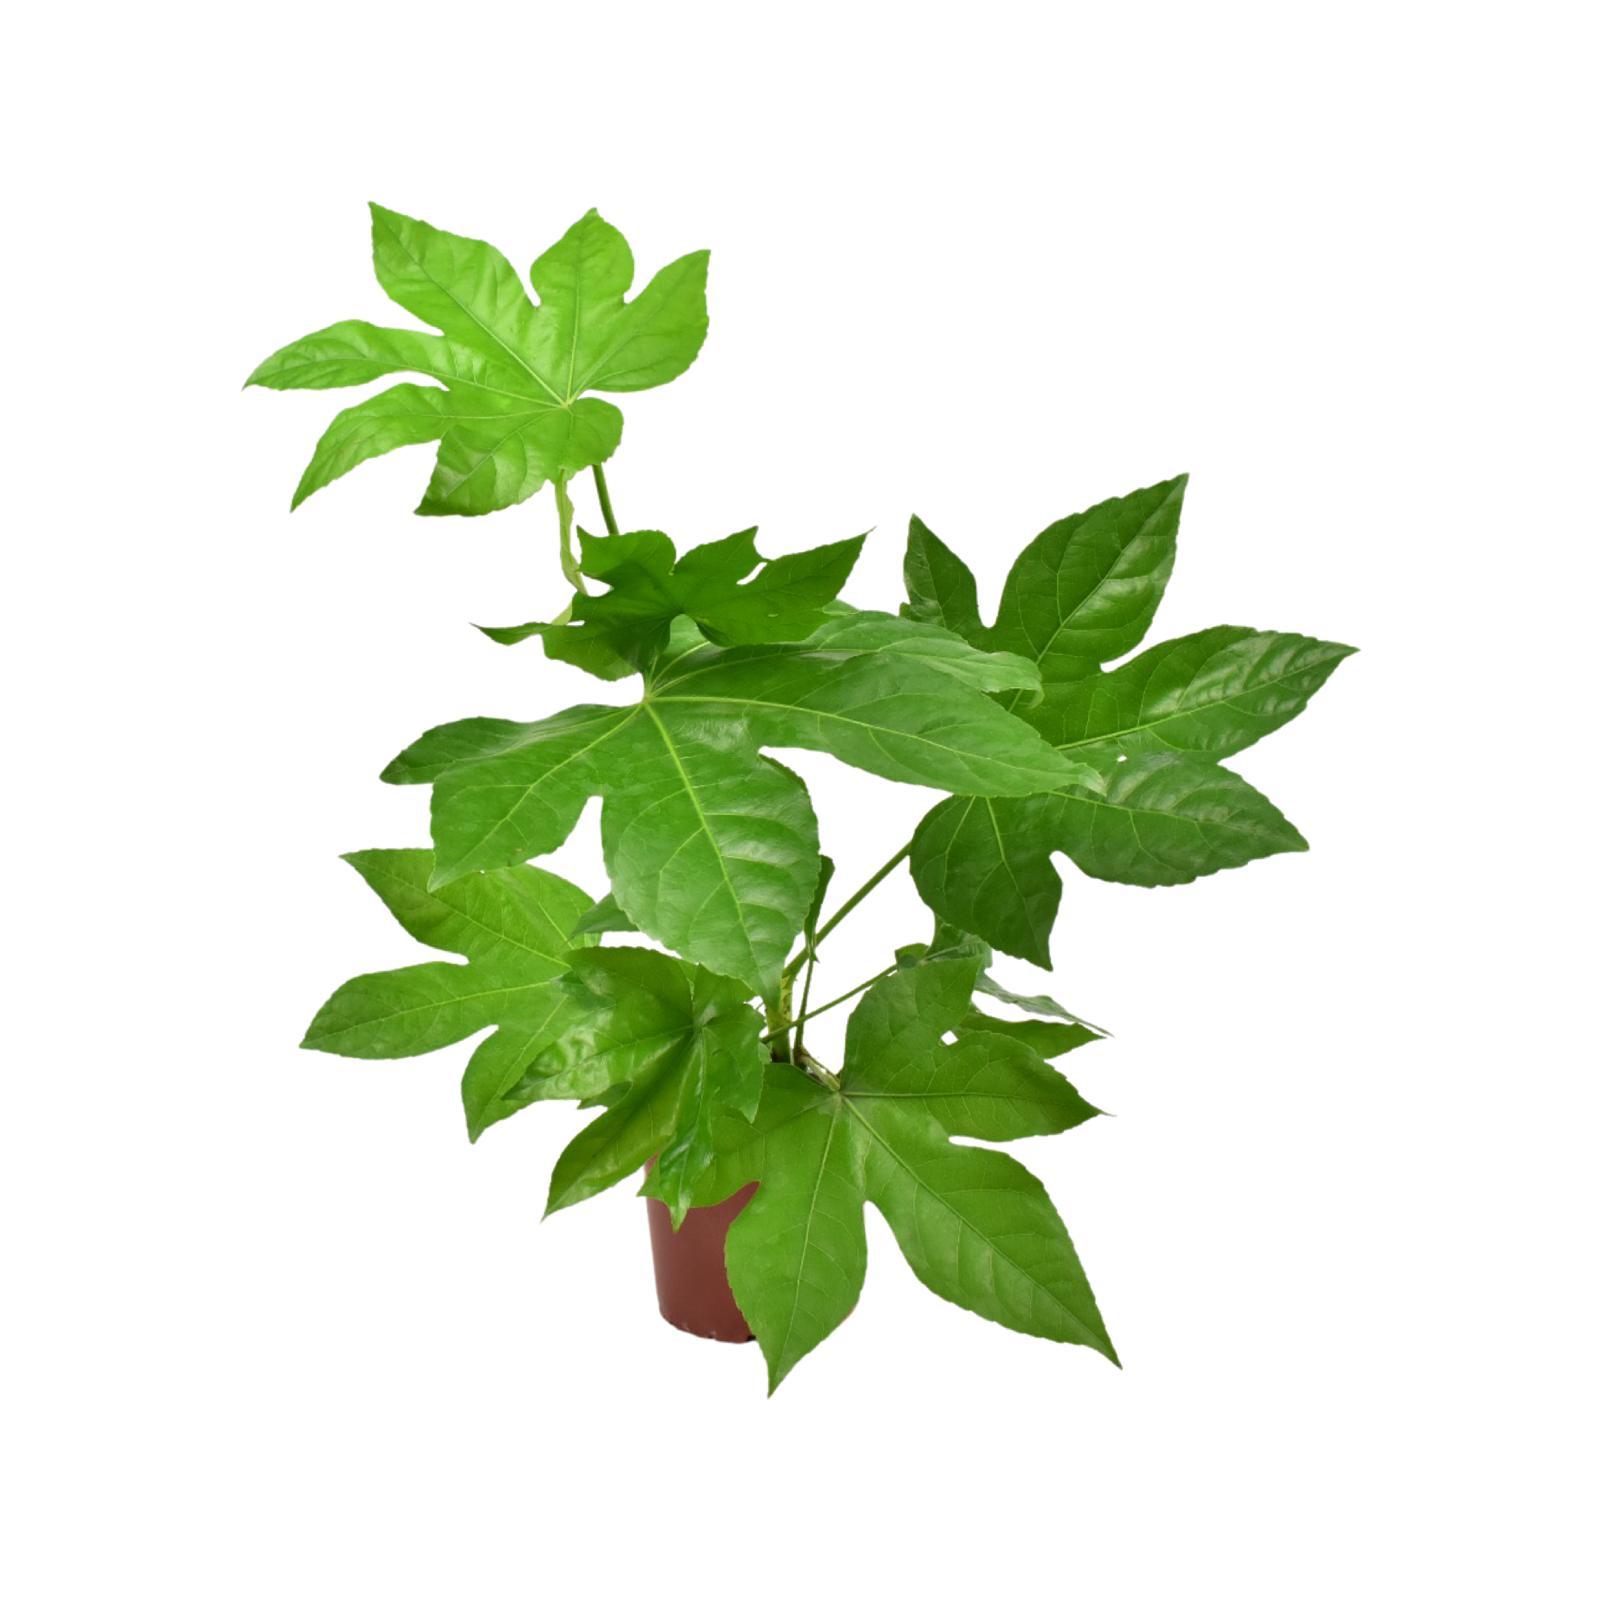 Fatsia Japonica Plant Wholesale Plants